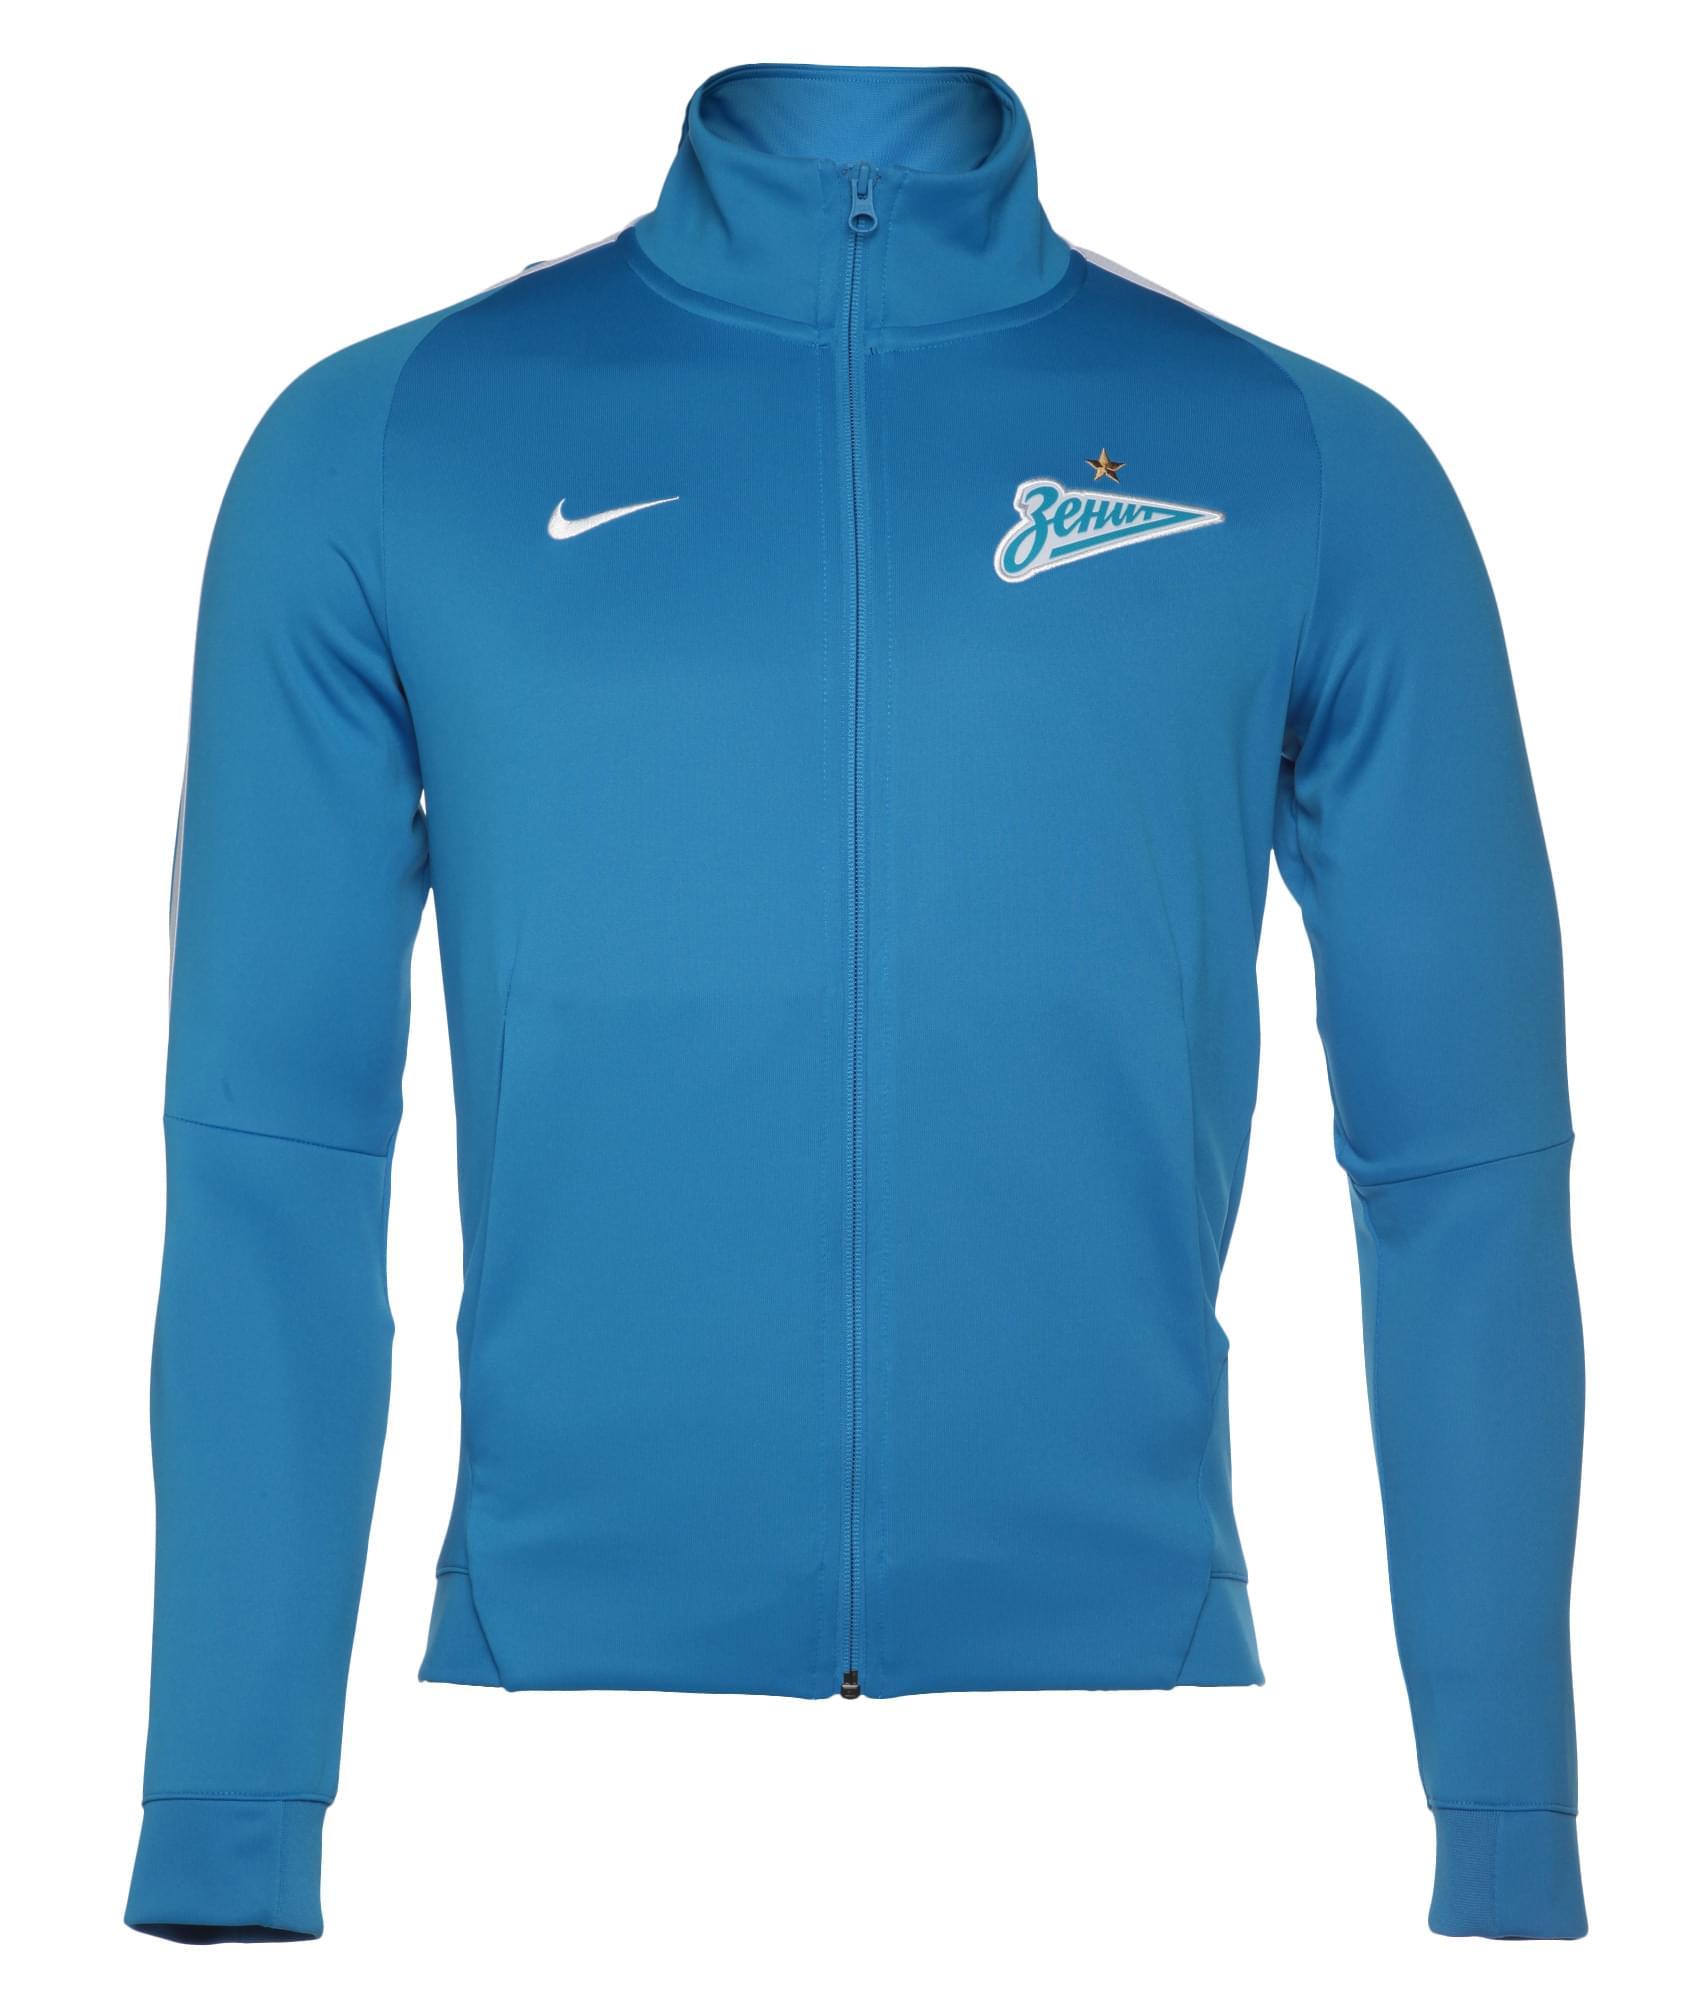 Олимпийка Nike, Размер-XXL